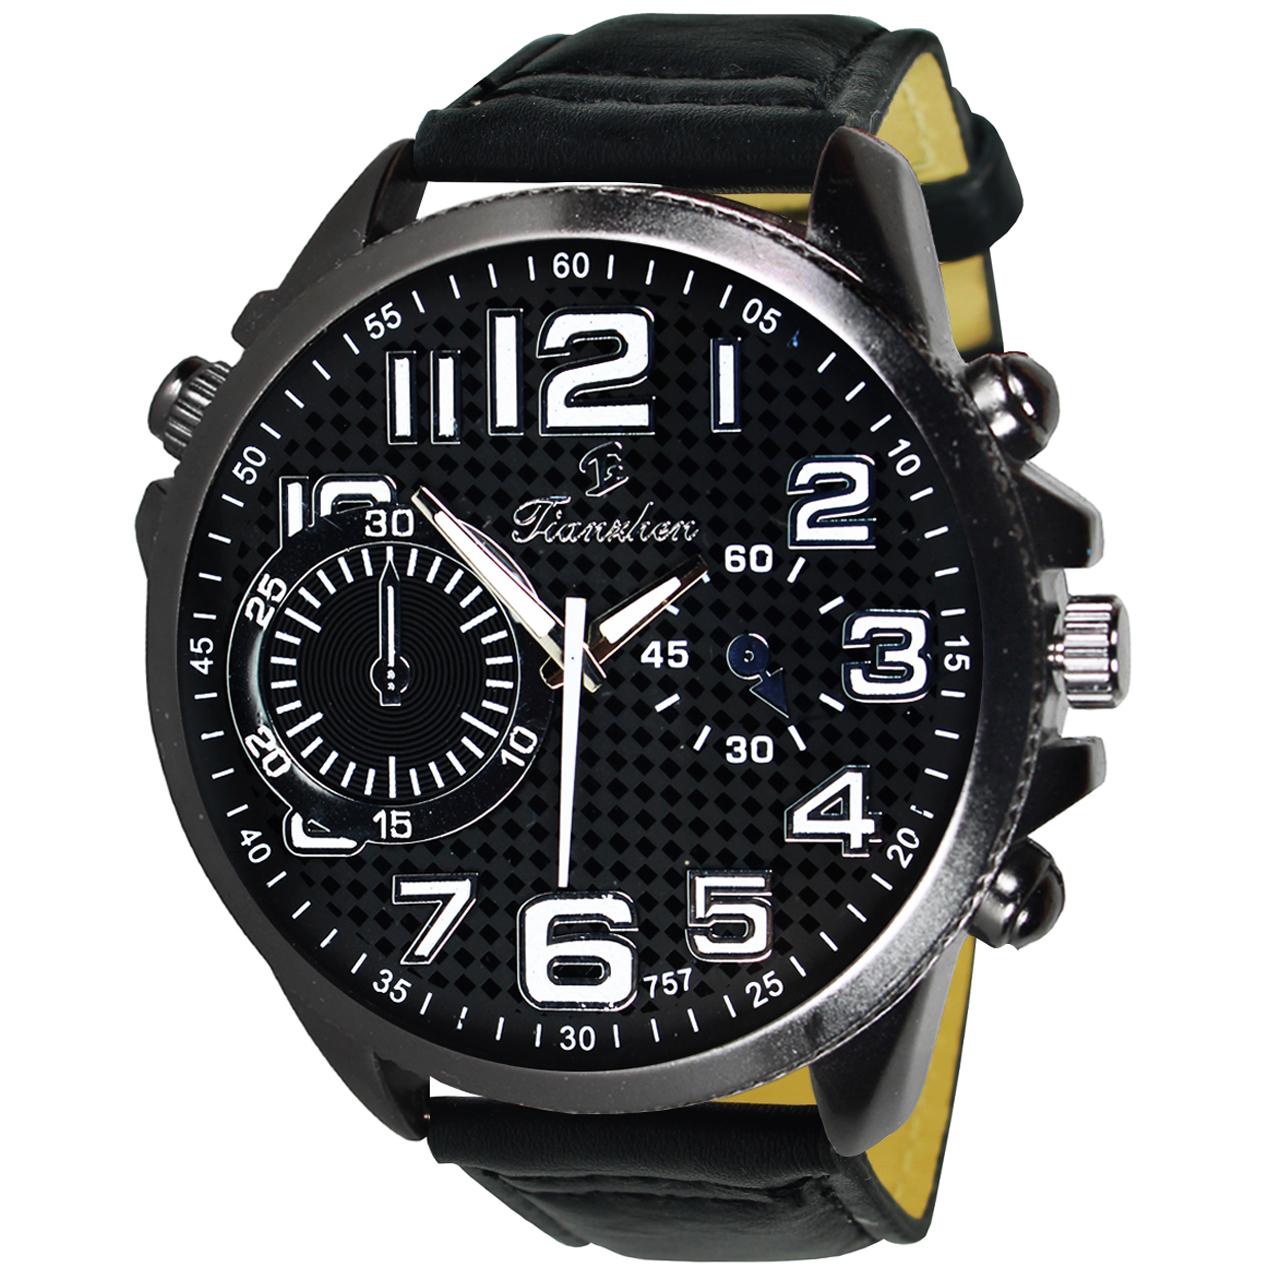 ساعت مچی عقربه ای مردانه فیانچن مدل Series 5-22